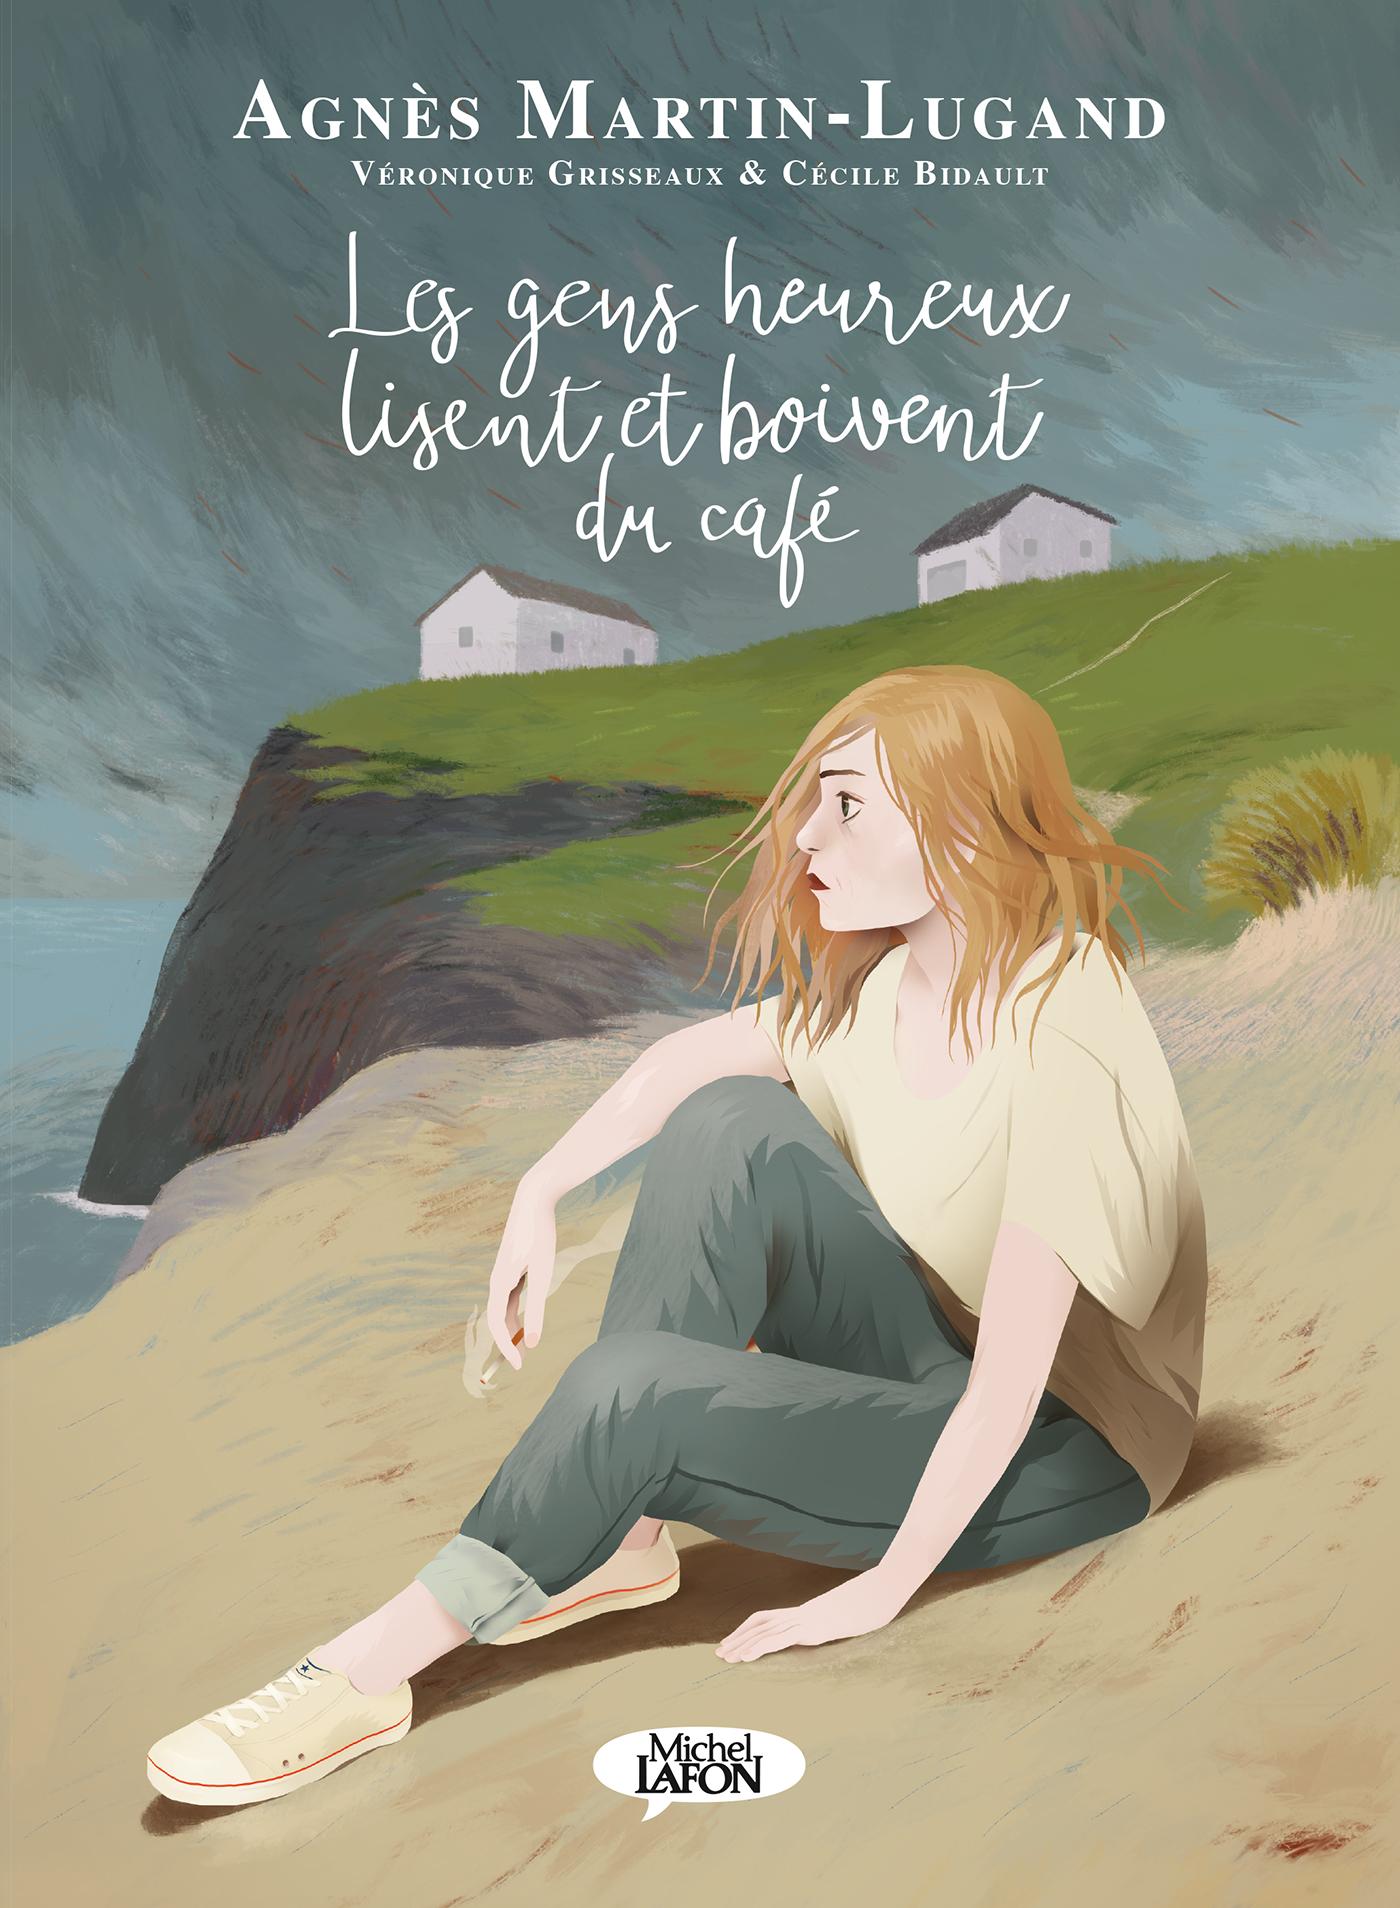 Agnès Martin Lugand - Couverture BD - Les gens heureux lisent et boivent du café